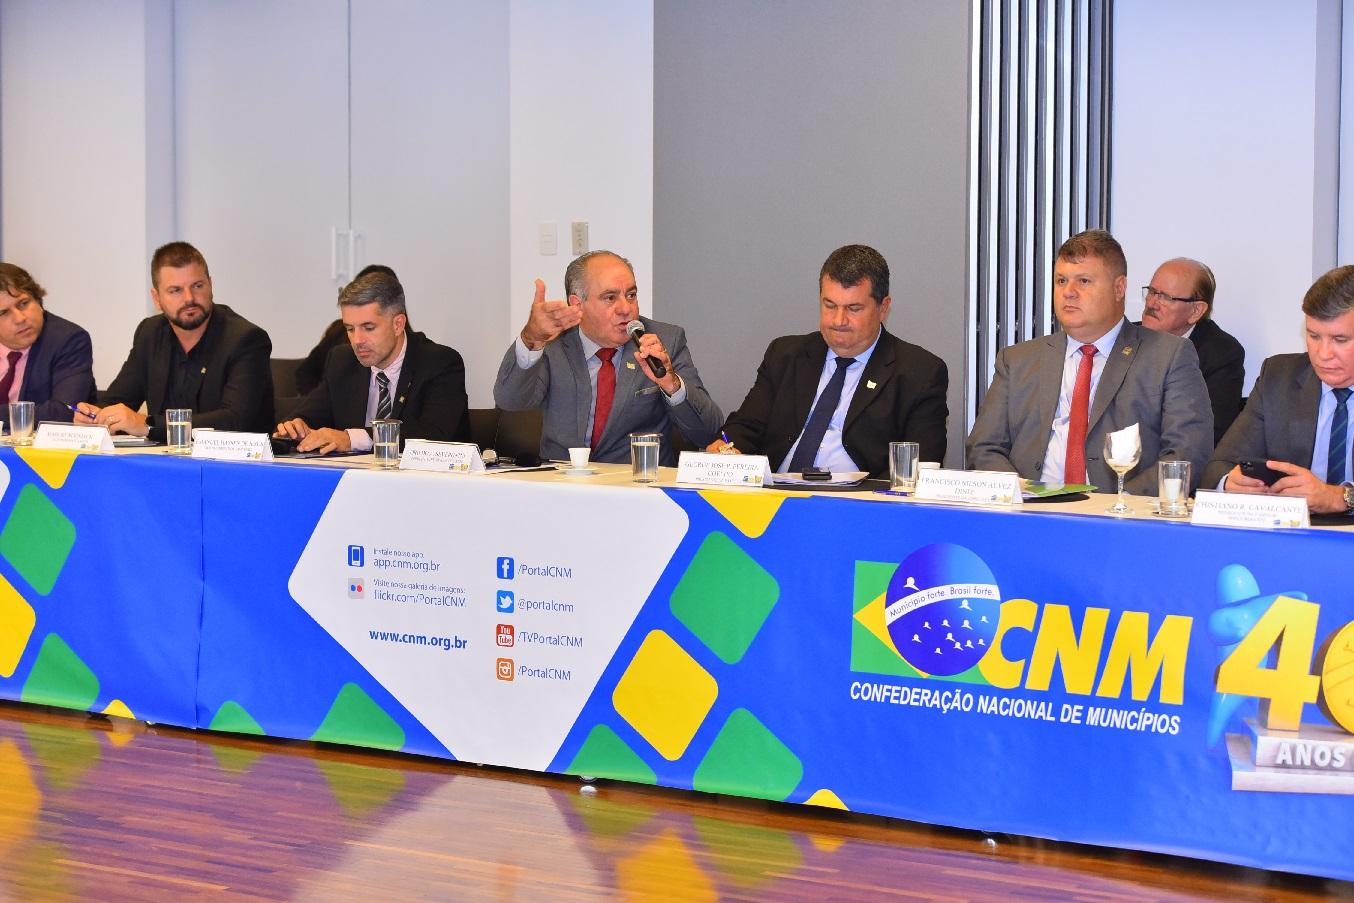 Marck Castro/CNM